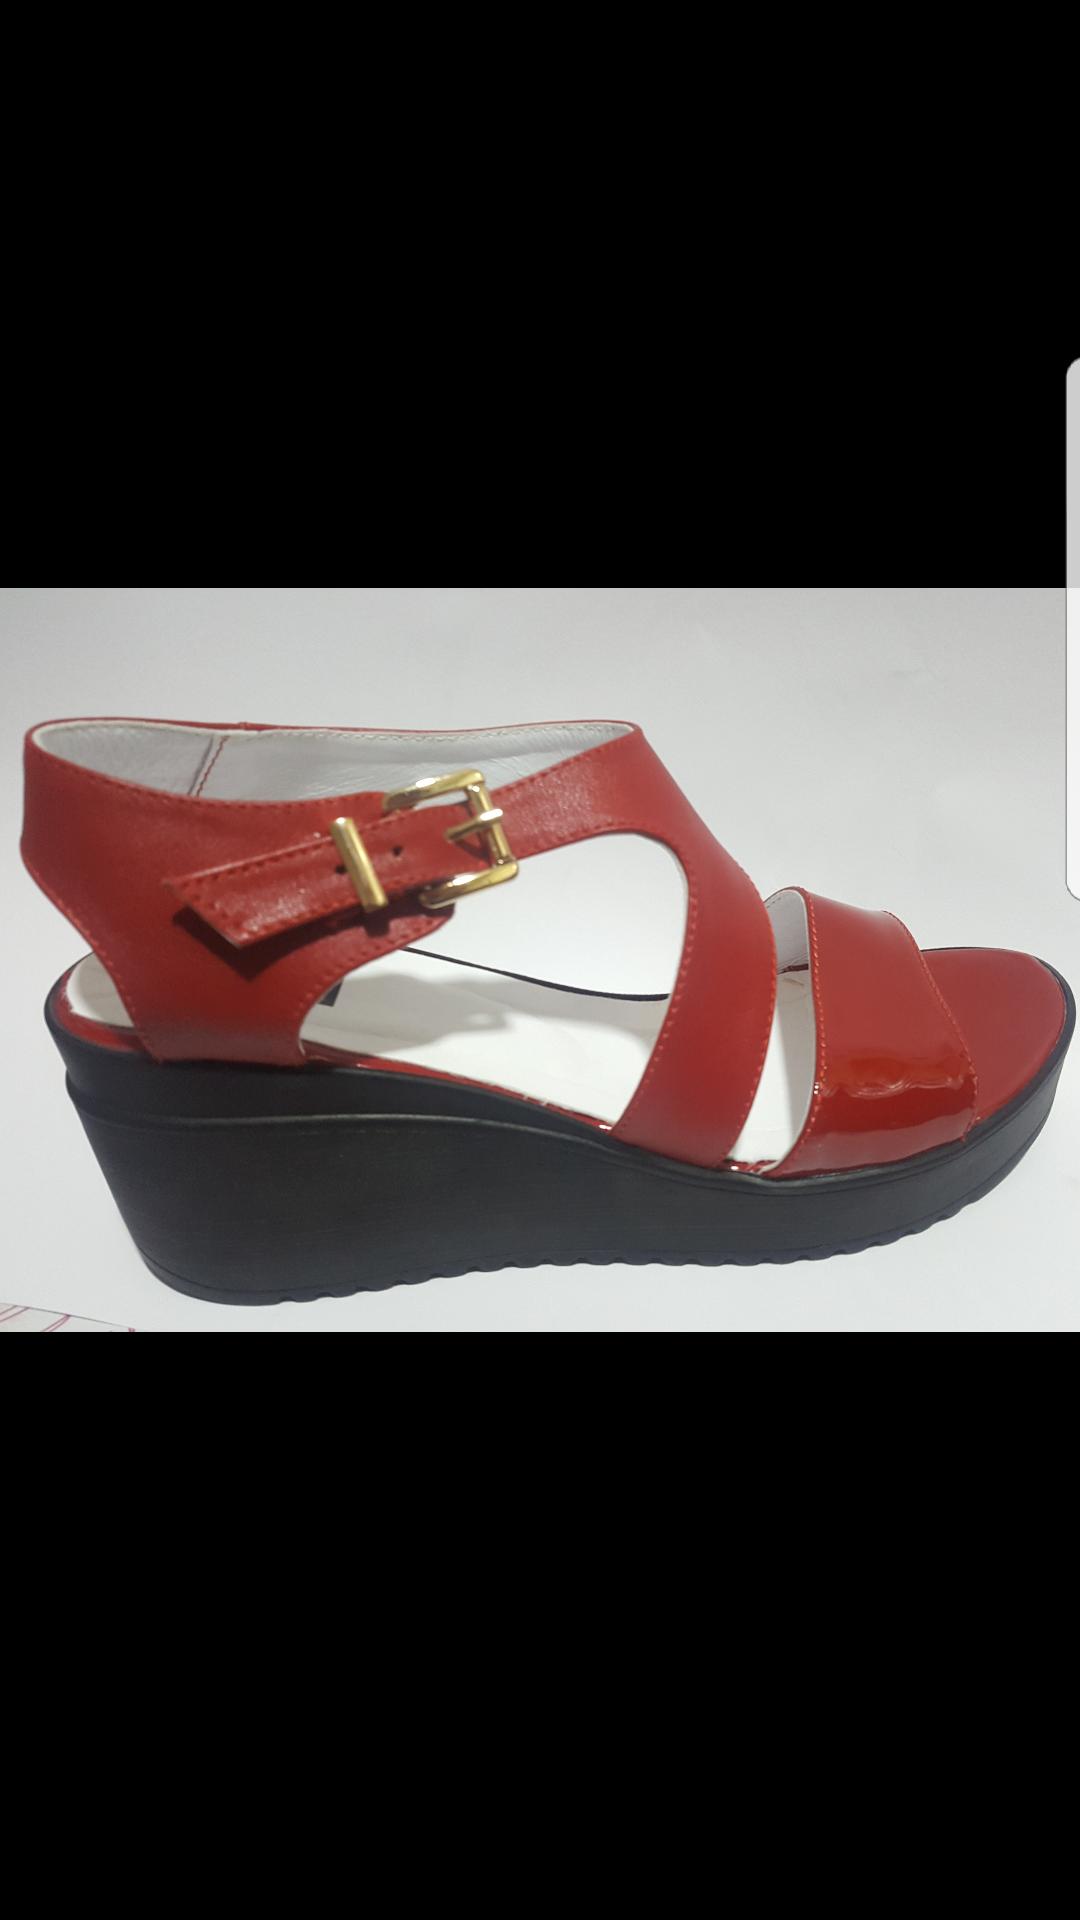 Днепропетровская обувь от производителя интернет магазин #9